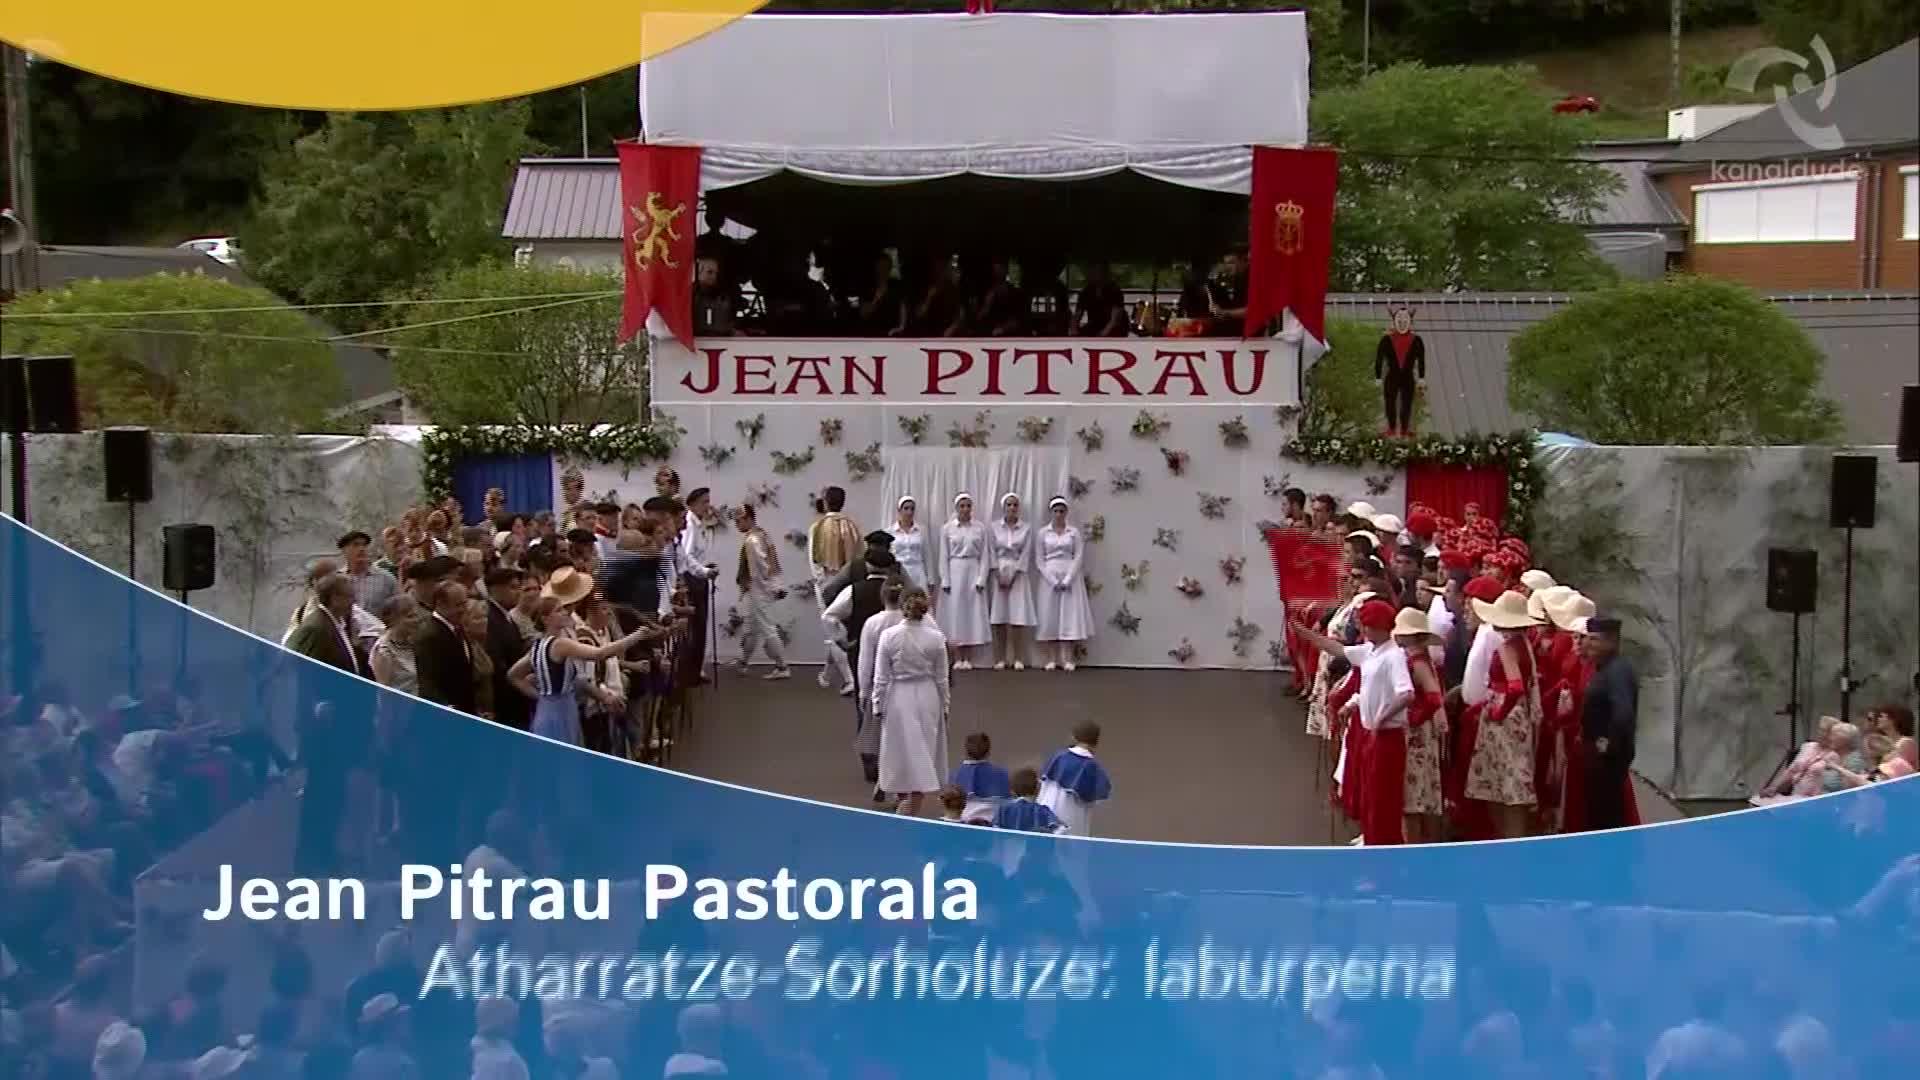 Jean Pitrau pastoralaren DVDa salgai da